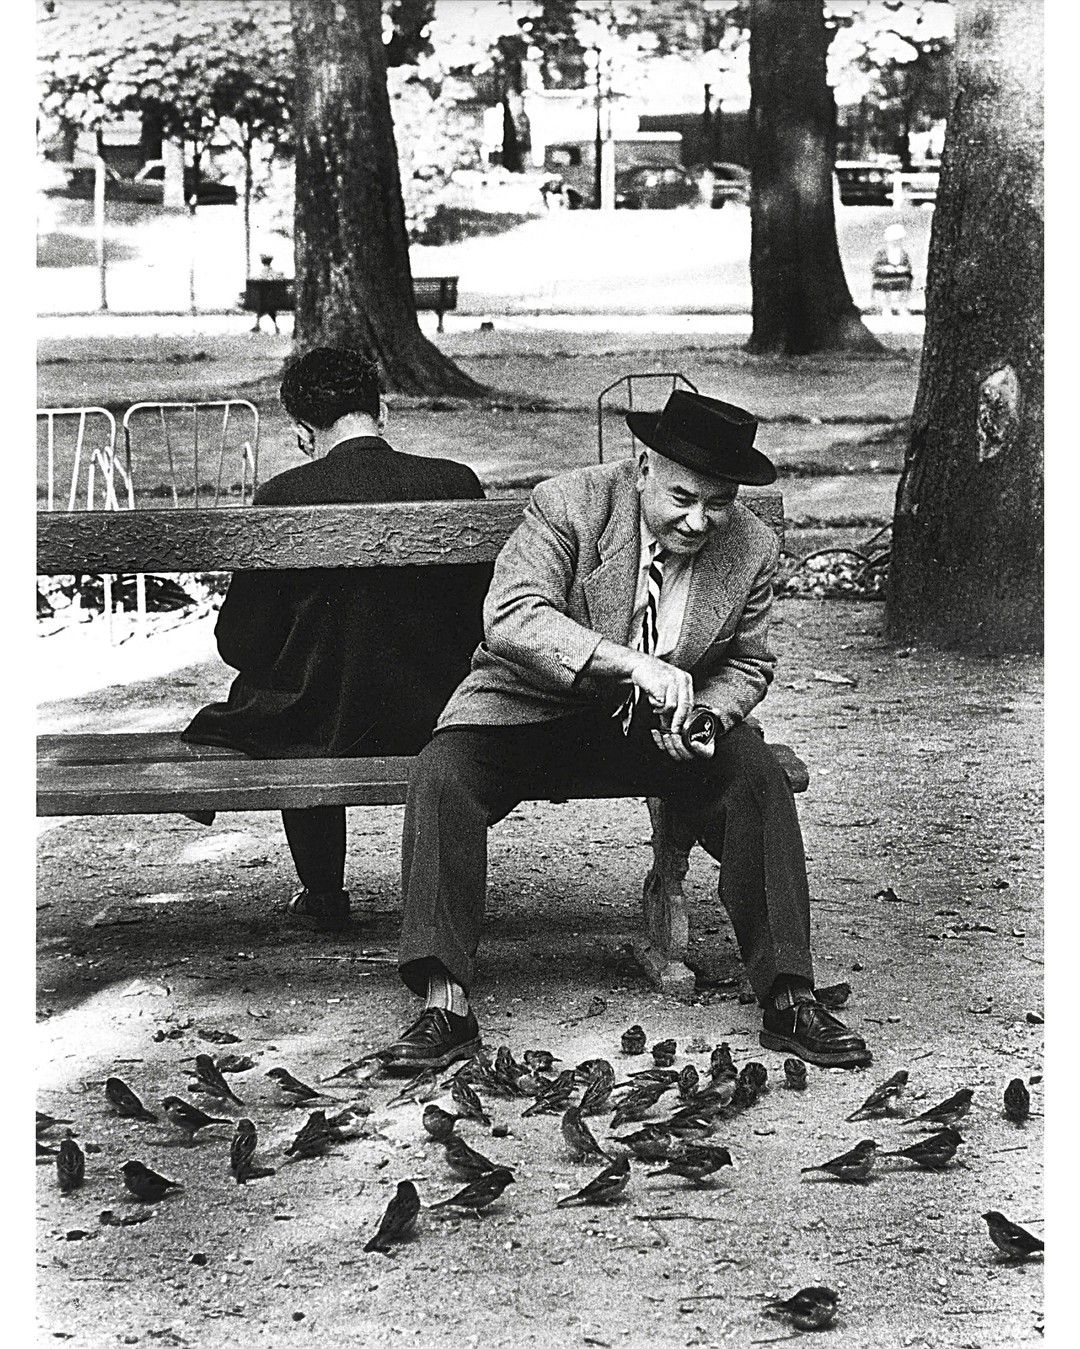 Un jour en #France - Années 50 - Un homme assis sur un ...